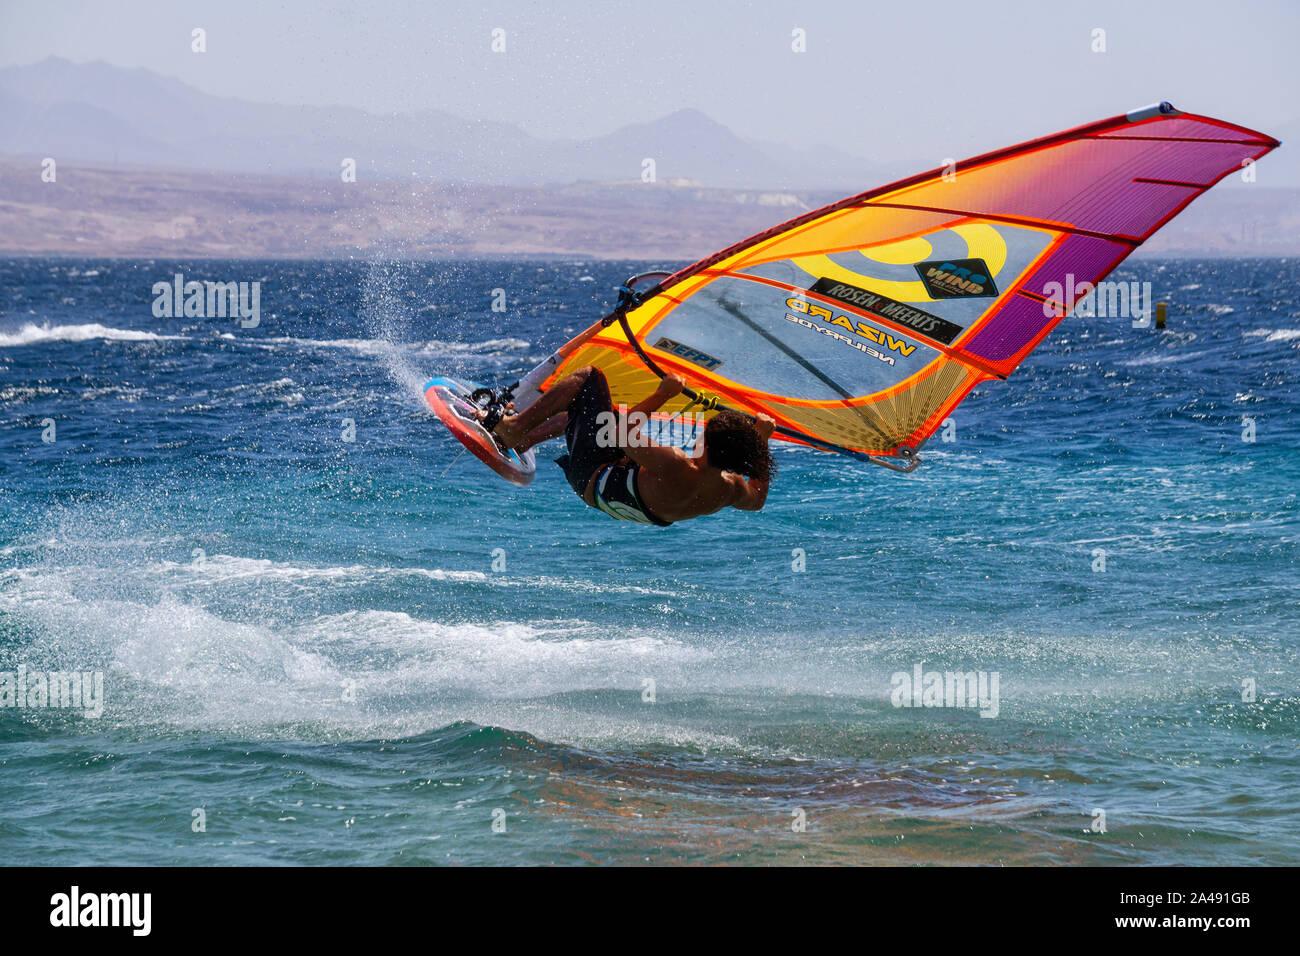 Eilat, Israel - 12 de abril de 2019: el hombre es aventurero disfrutar de deportes acuáticos, windsurf, en el Mar Rojo durante un día soleado. Foto de stock